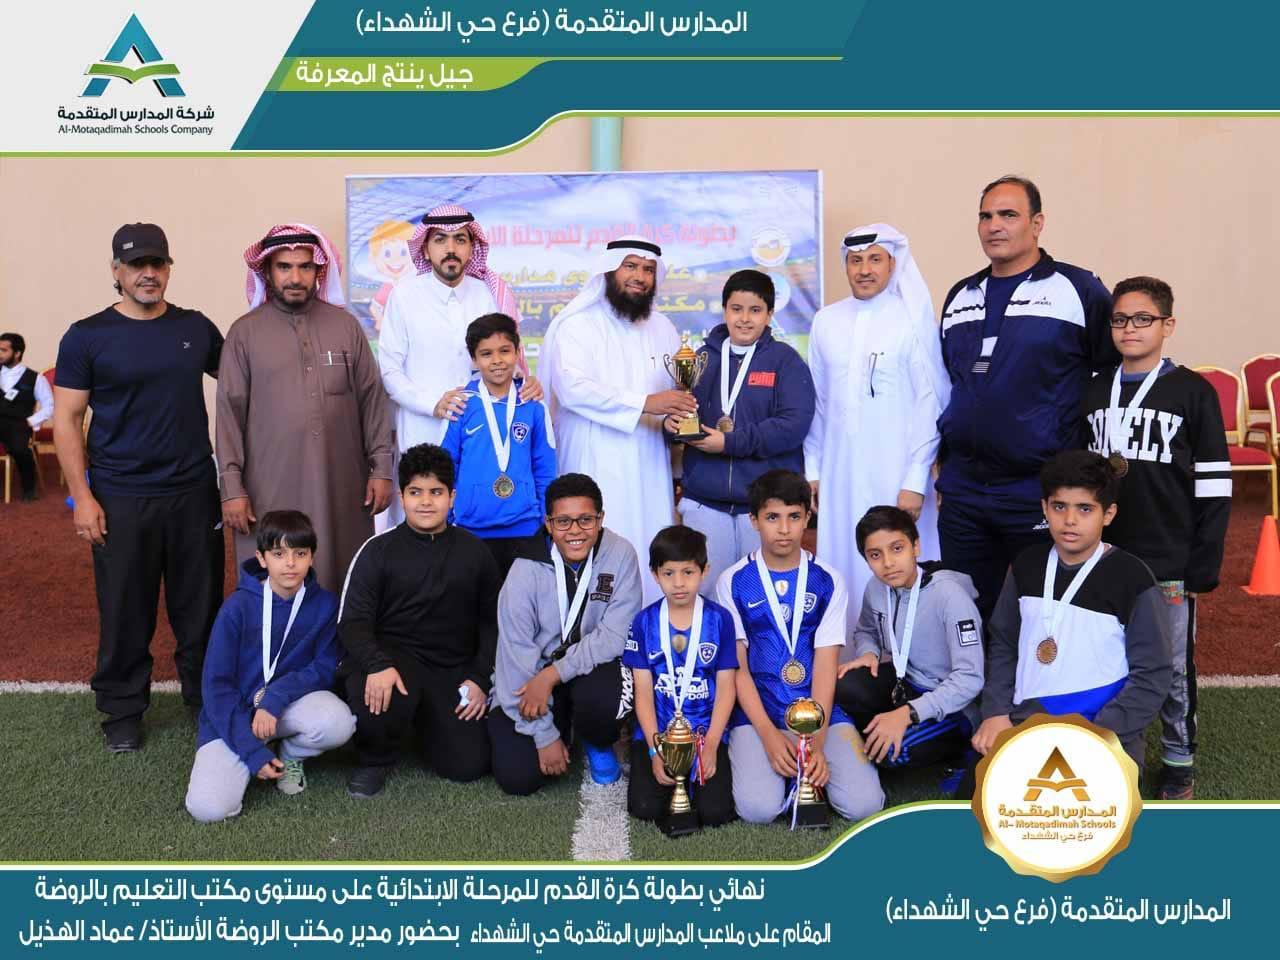 بالصور: اختتام بطولة «وطن السلام» لكرة القدم للمرحلة الابتدائية